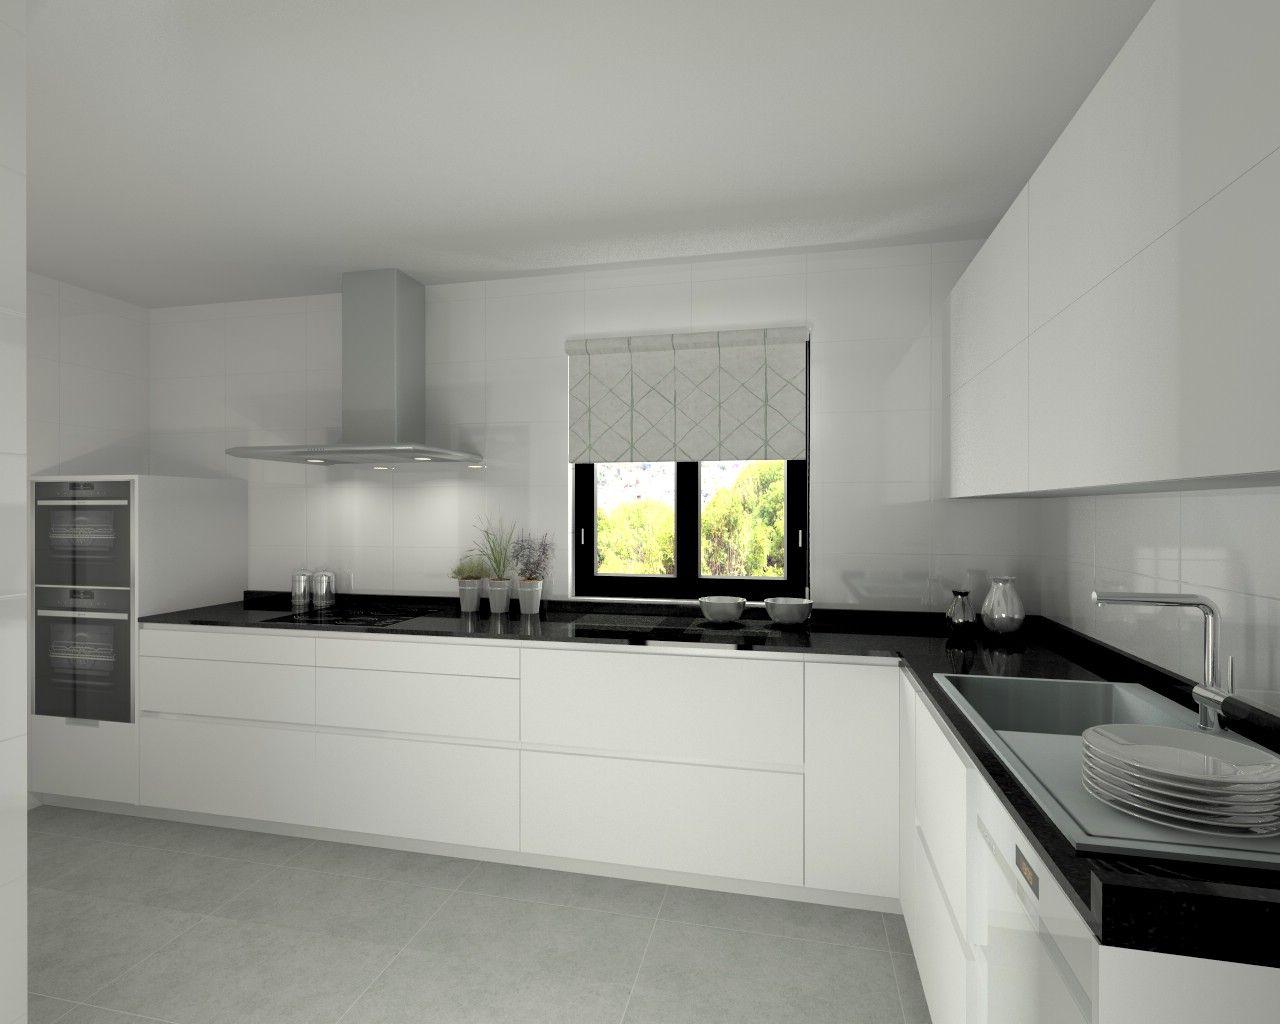 Modelo line l blanco seda encimera granito negro saaa for Encimera de cocina lacada en blanco negro